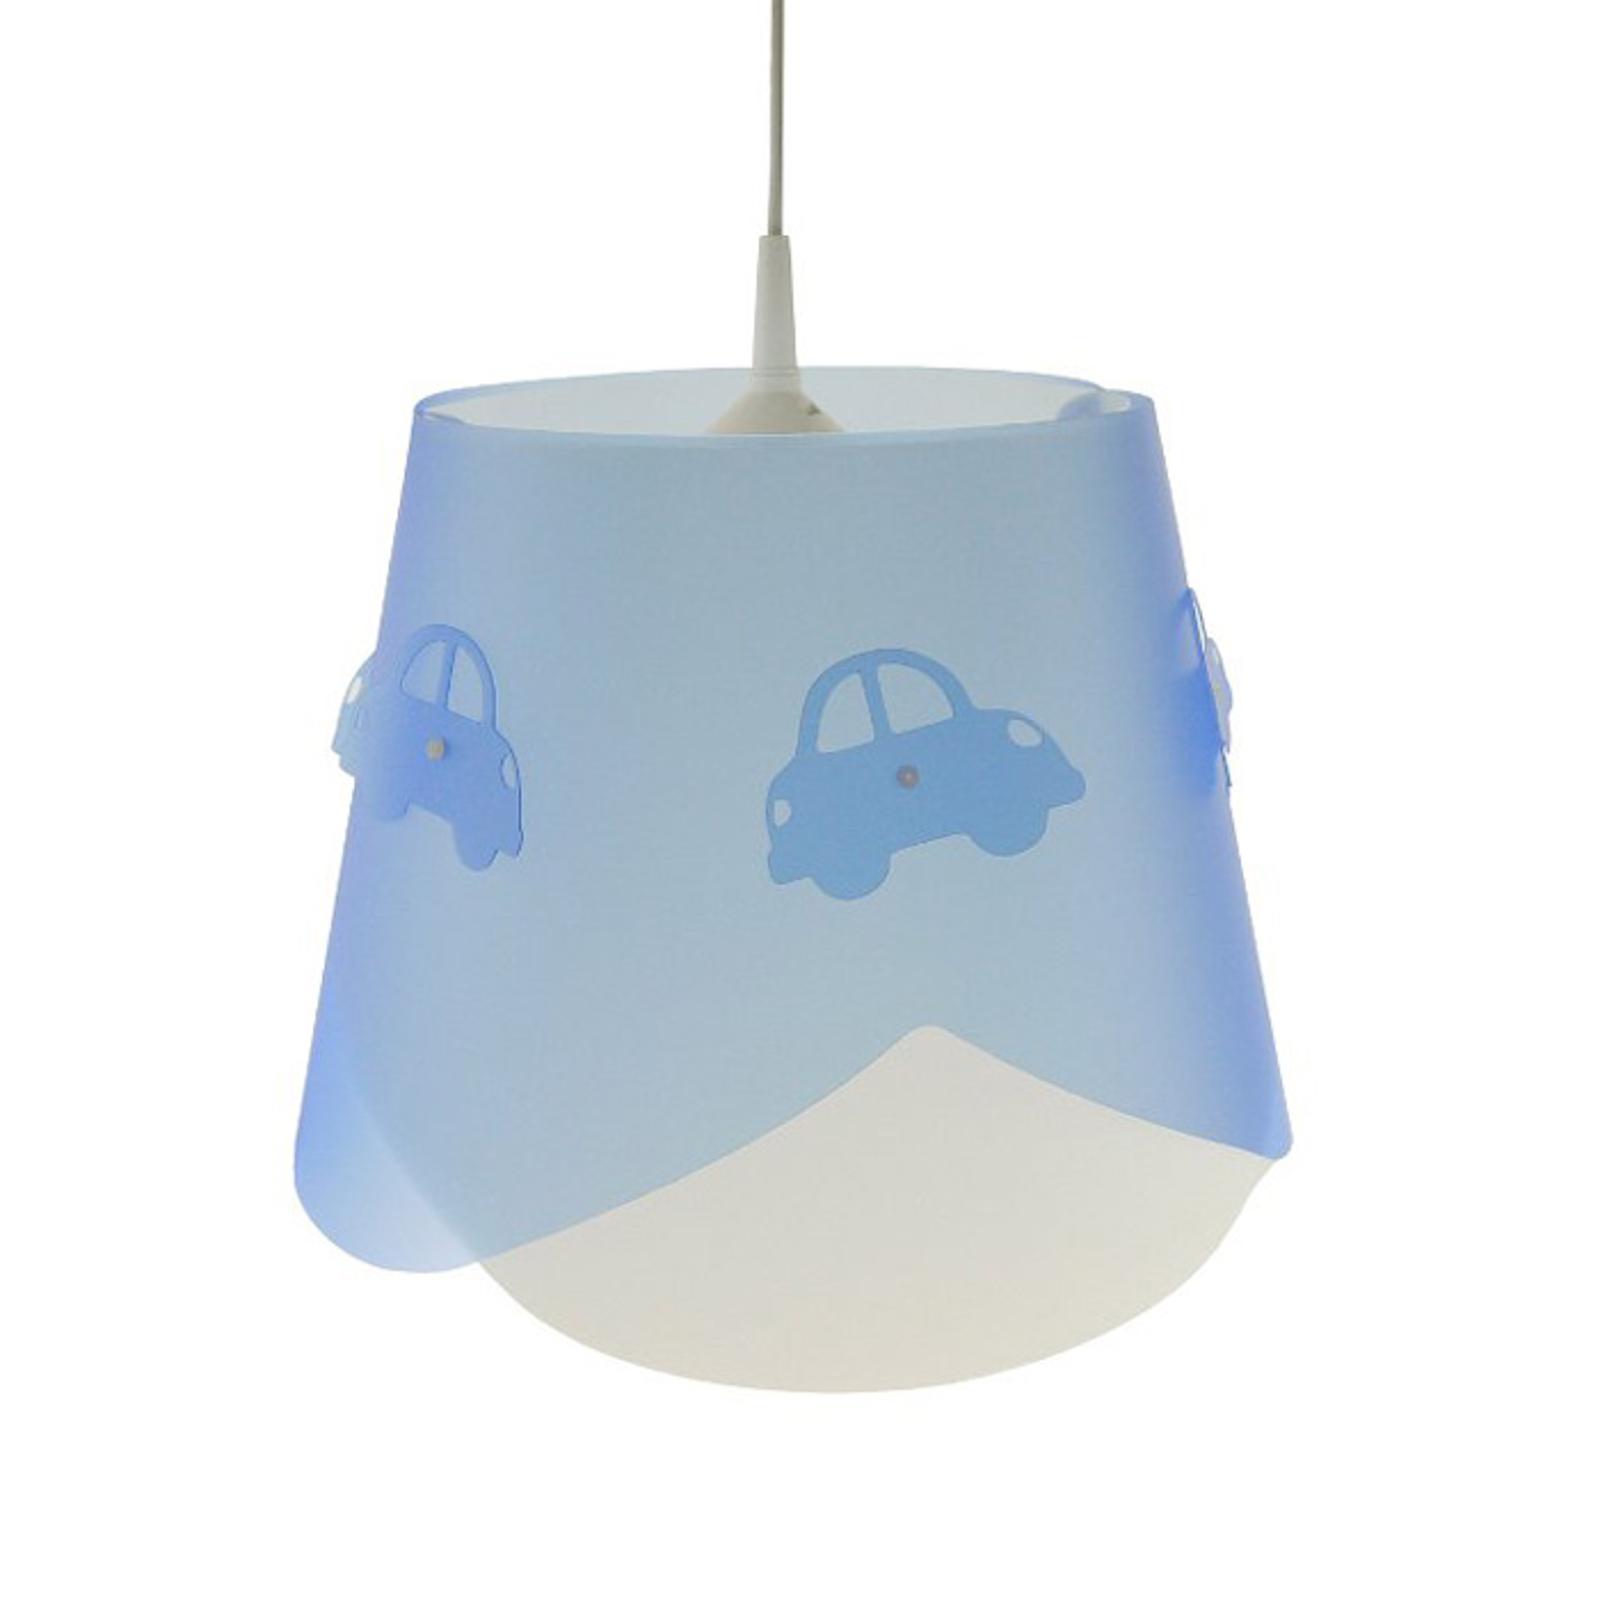 Blaue Pendelleuchte Piet mit Automotiv